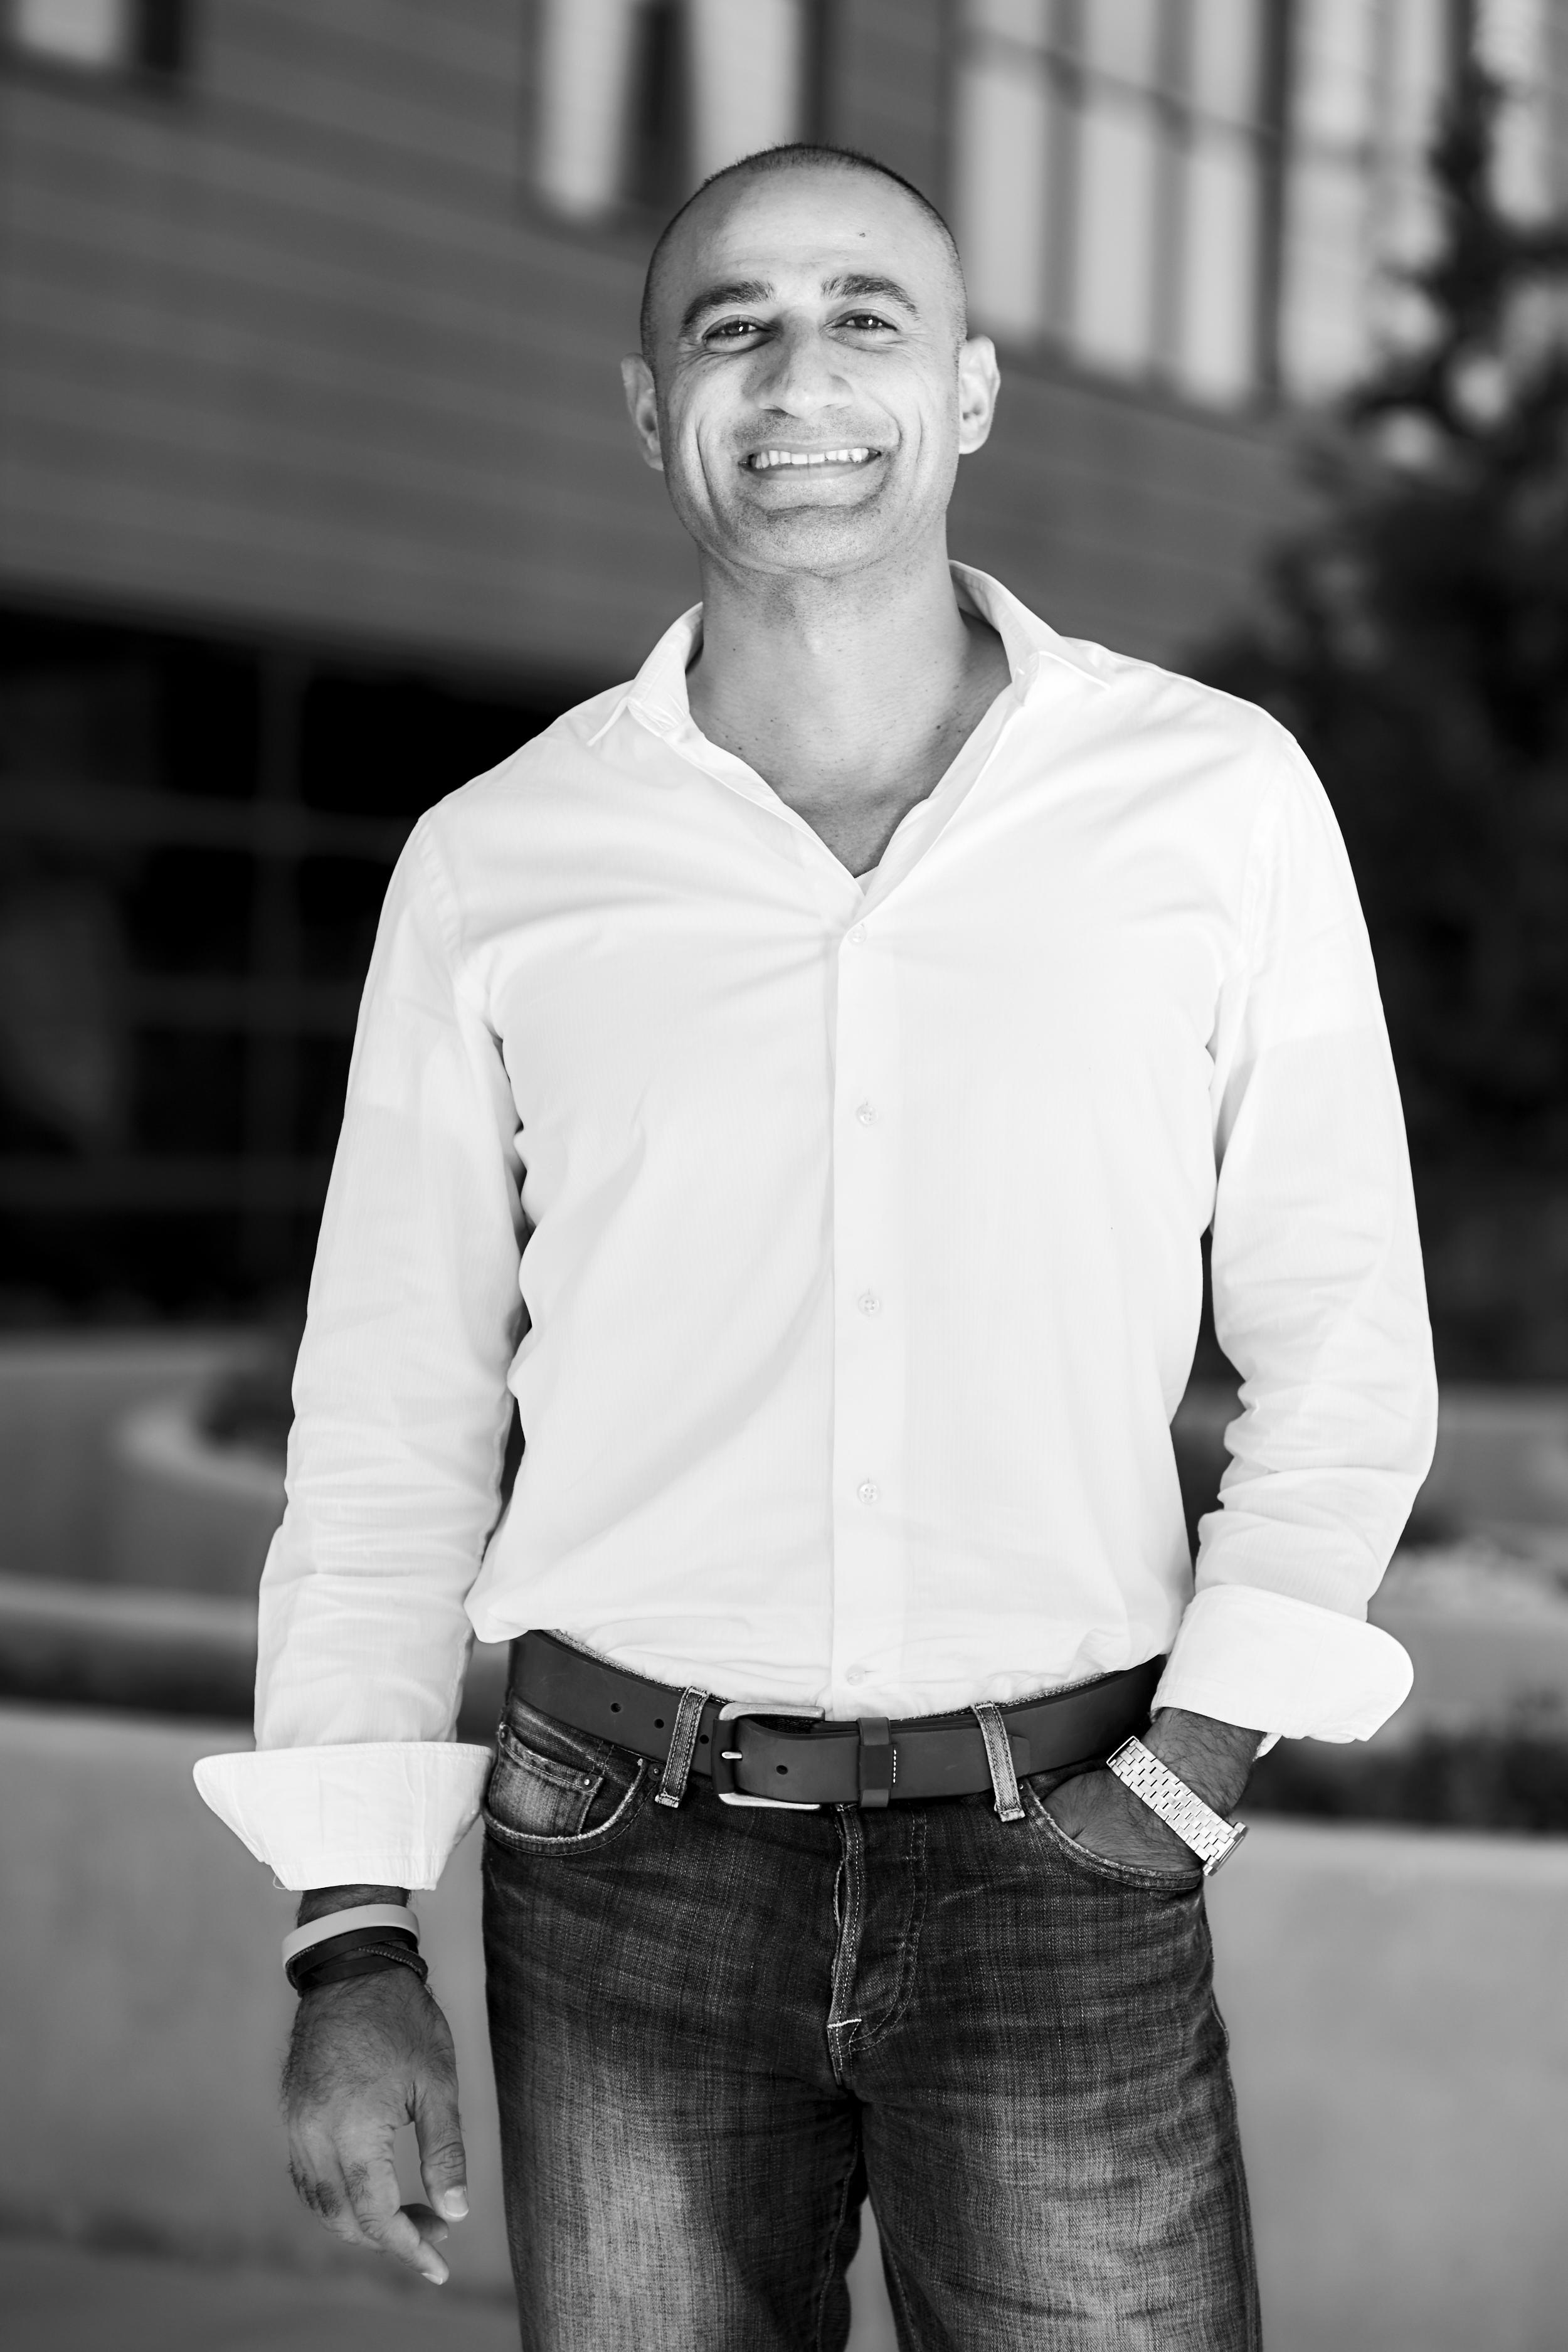 Omer Siddiqui - VP of Development Operations